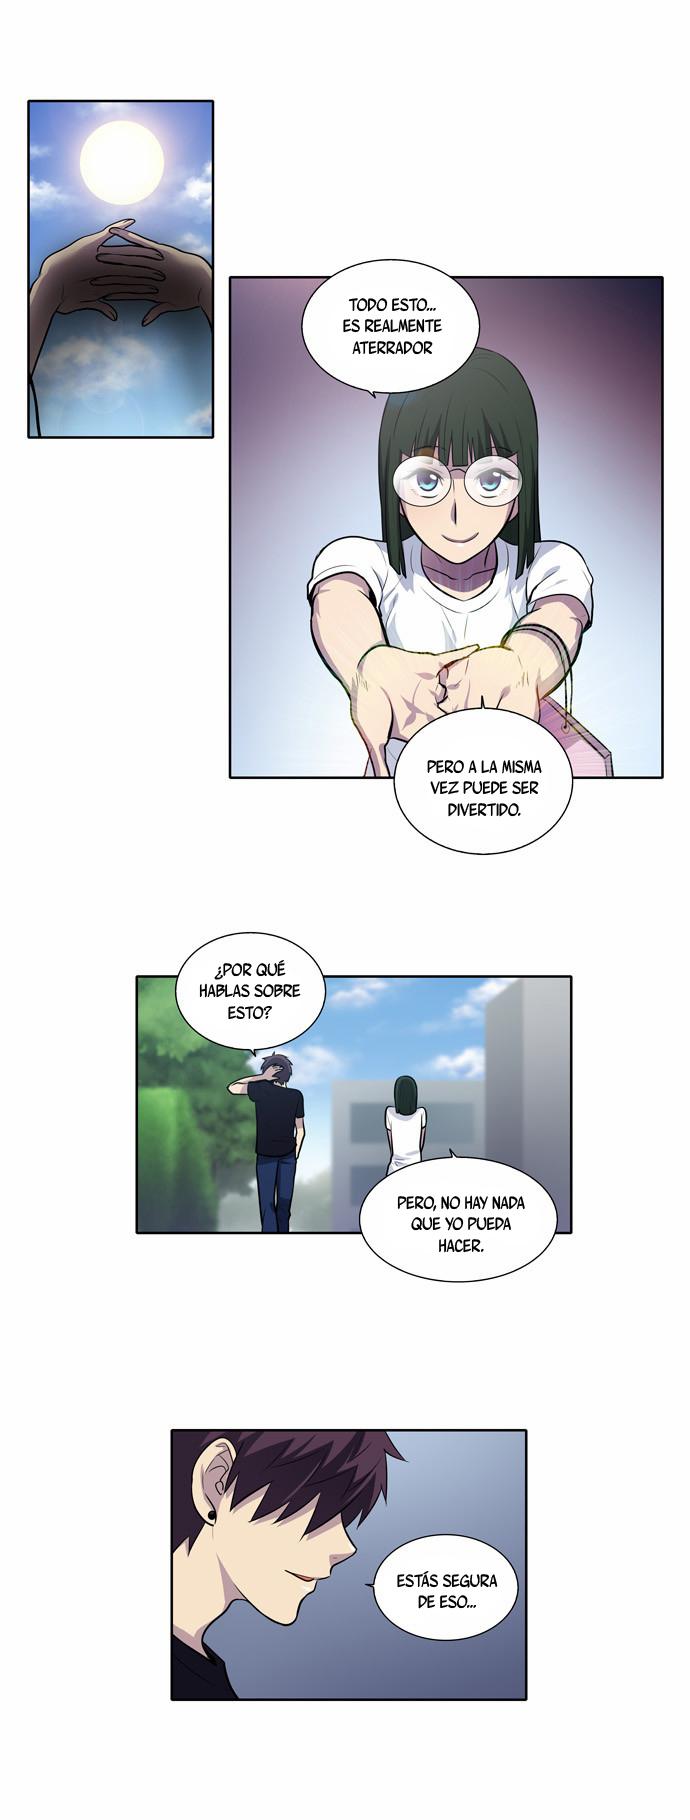 http://c5.ninemanga.com/es_manga/61/1725/439976/505259756244493872b7709a8a01b536.jpg Page 7